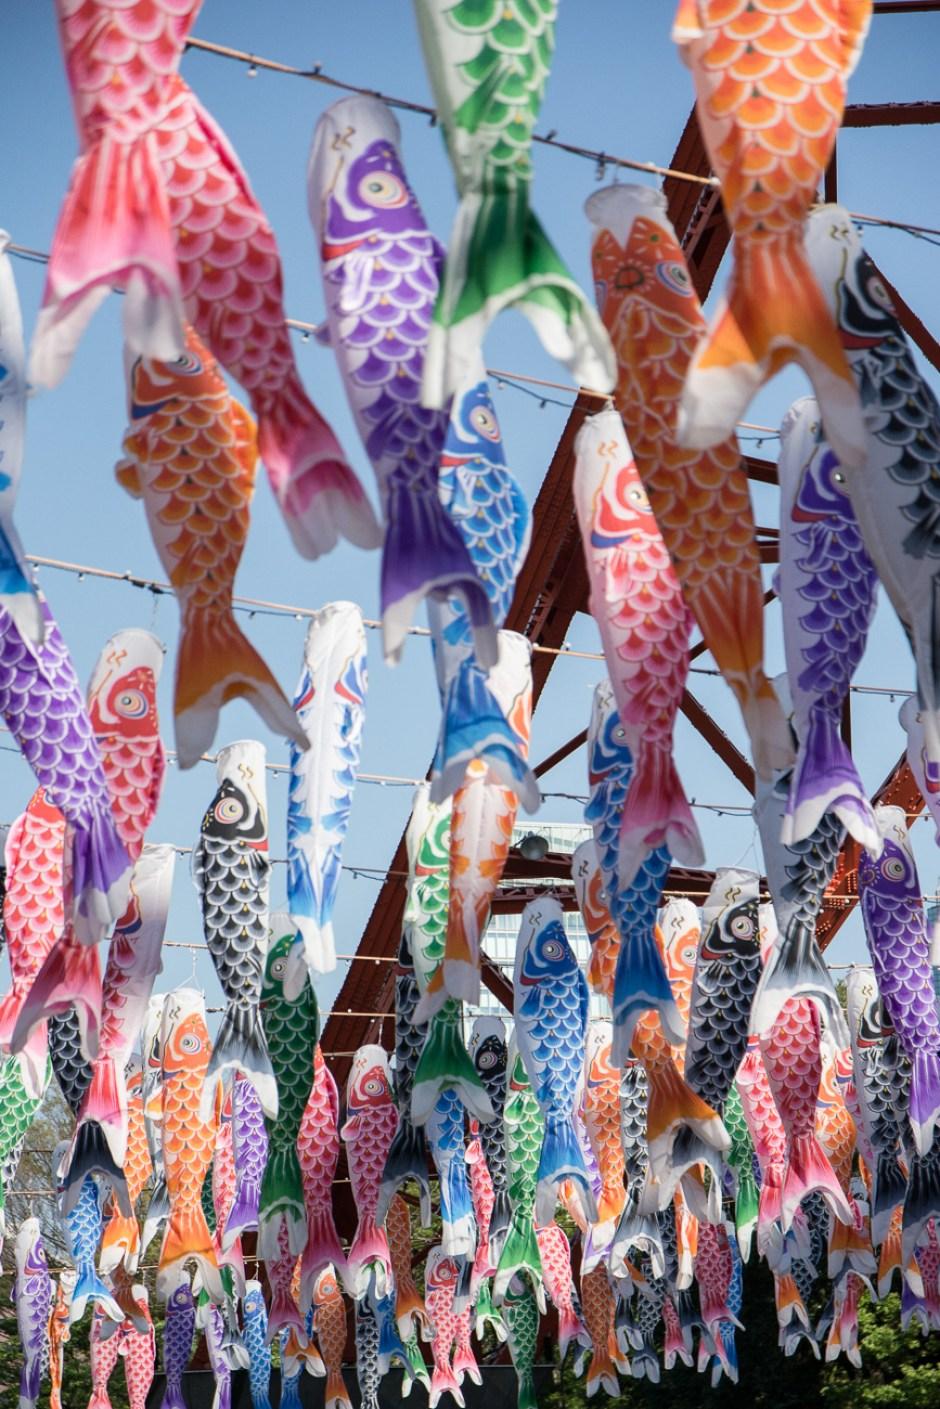 les carpes koinobori à la Tokyo Tower pour la fête des enfants le Kodomo No Hi à Tokyo